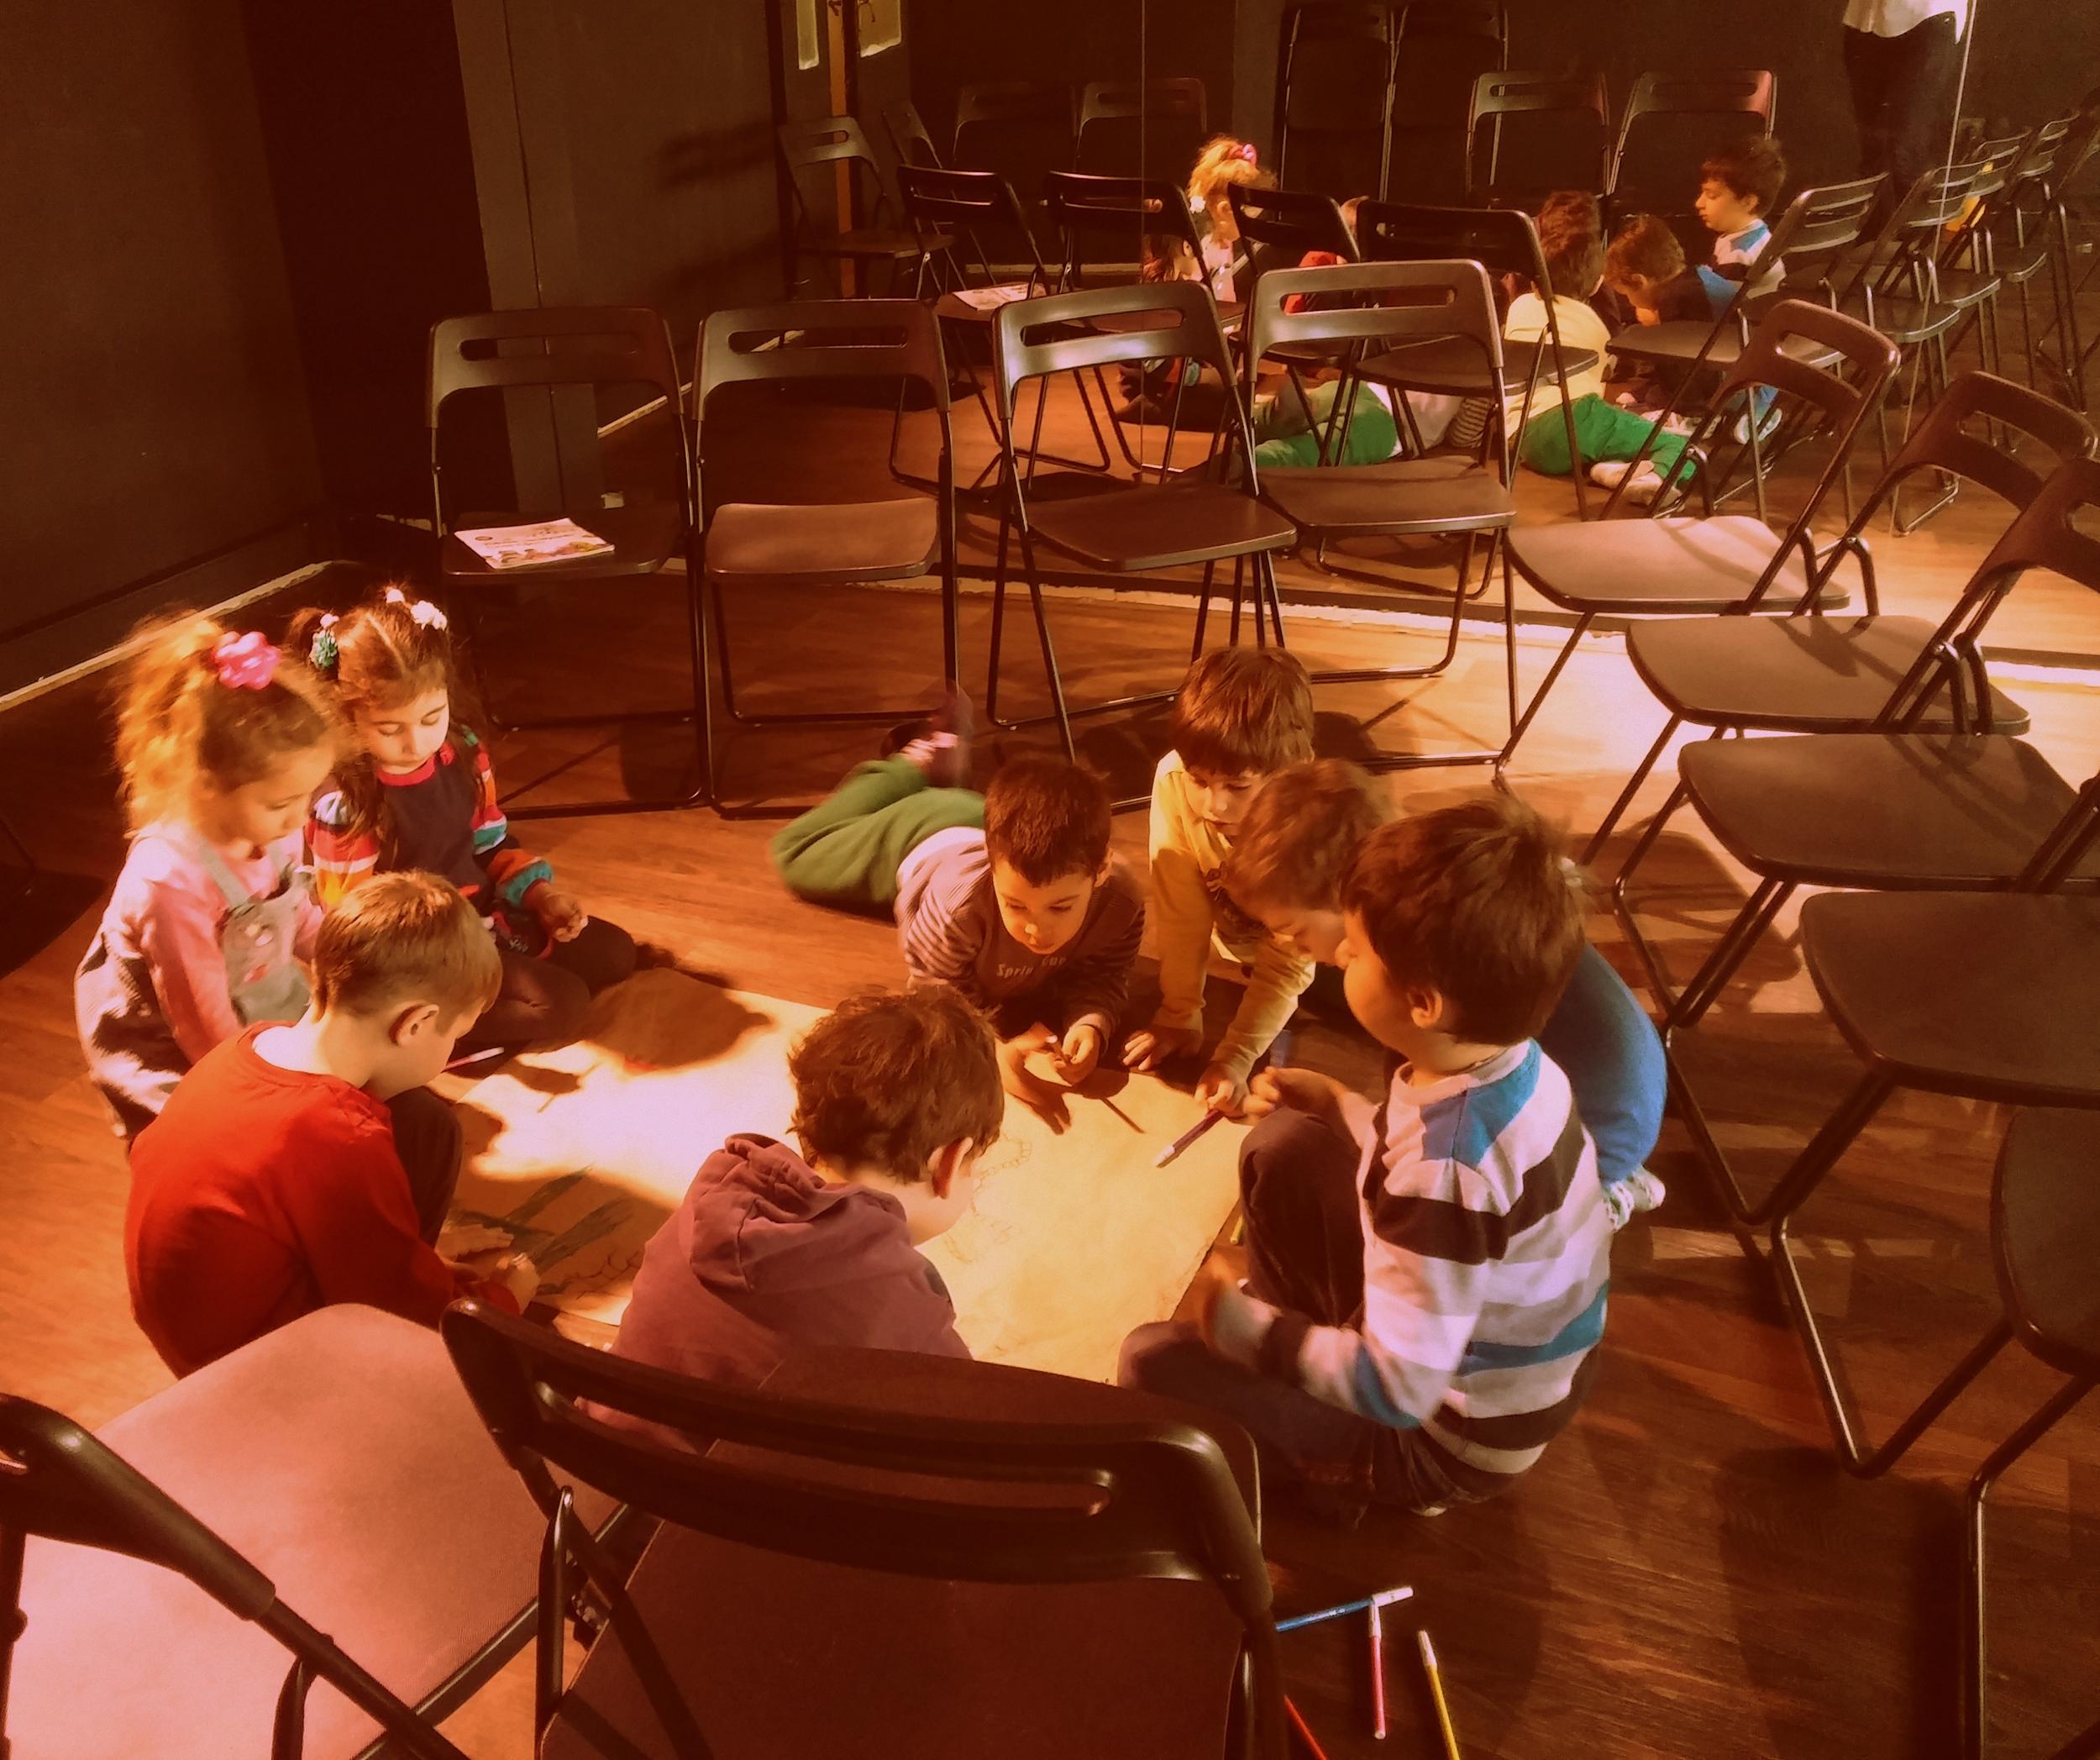 tiyatrohane yaratıcı drama 6.jpg